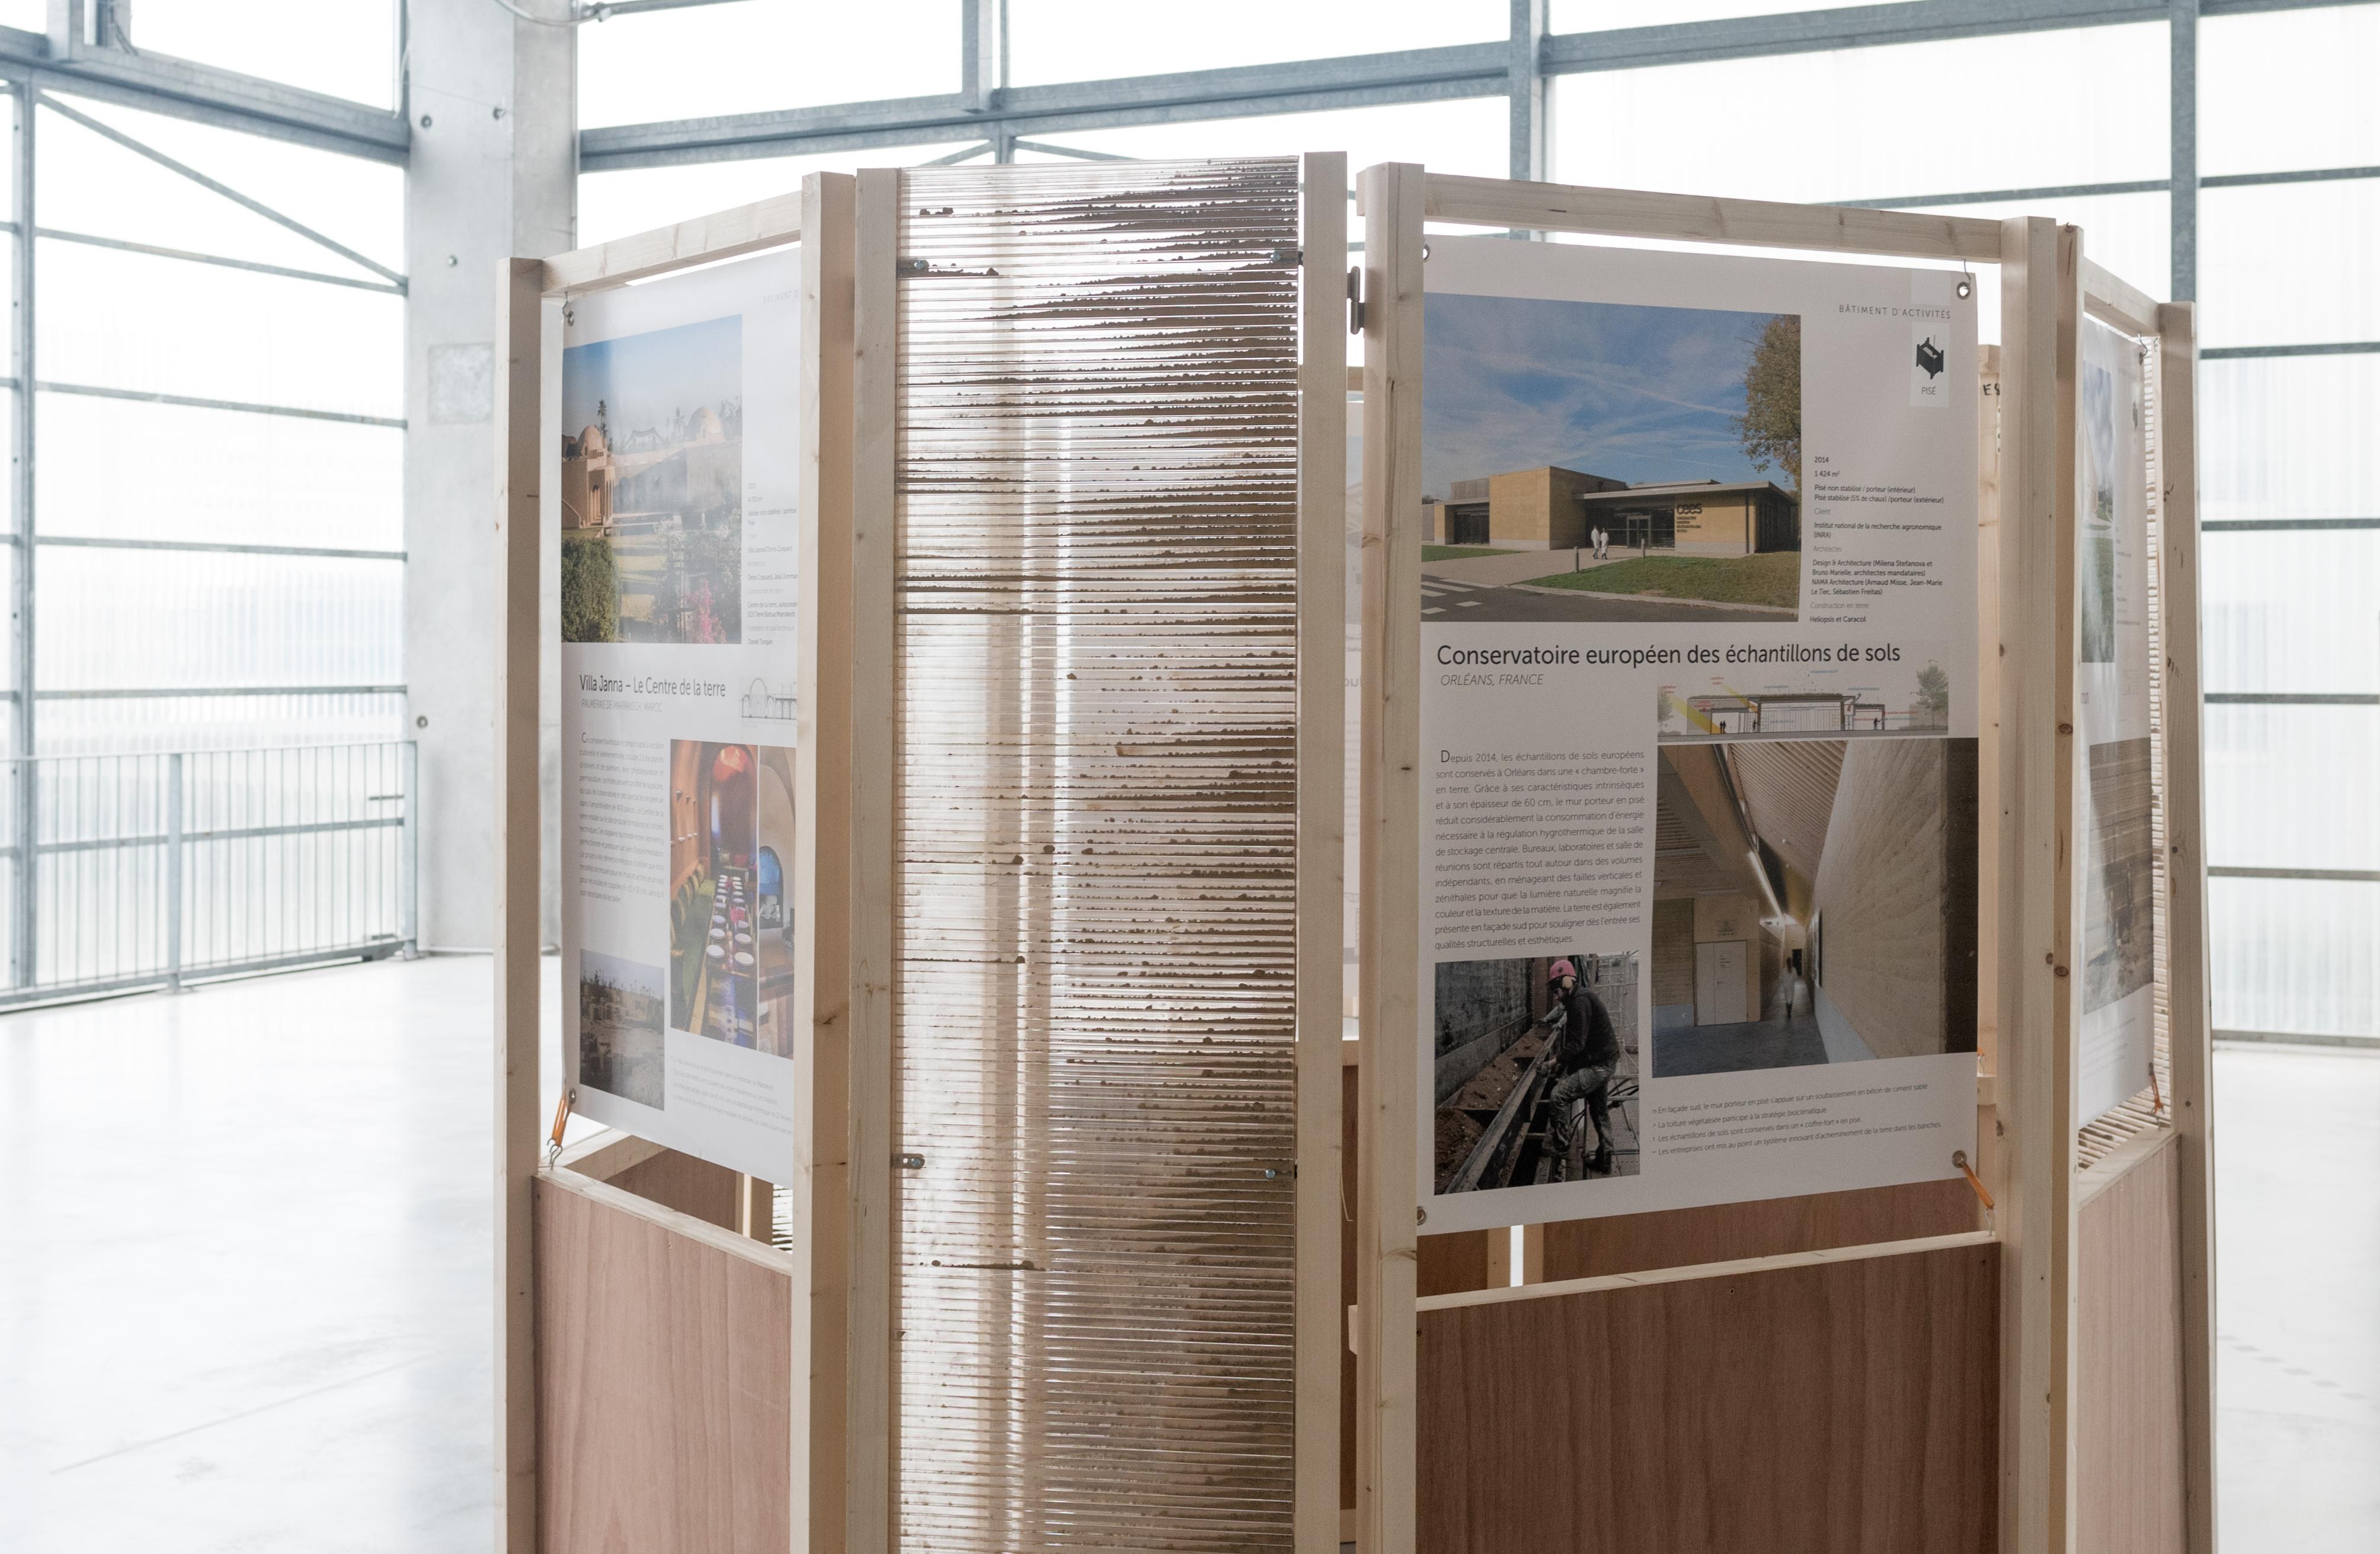 Ecole d'Architecture de Nantes